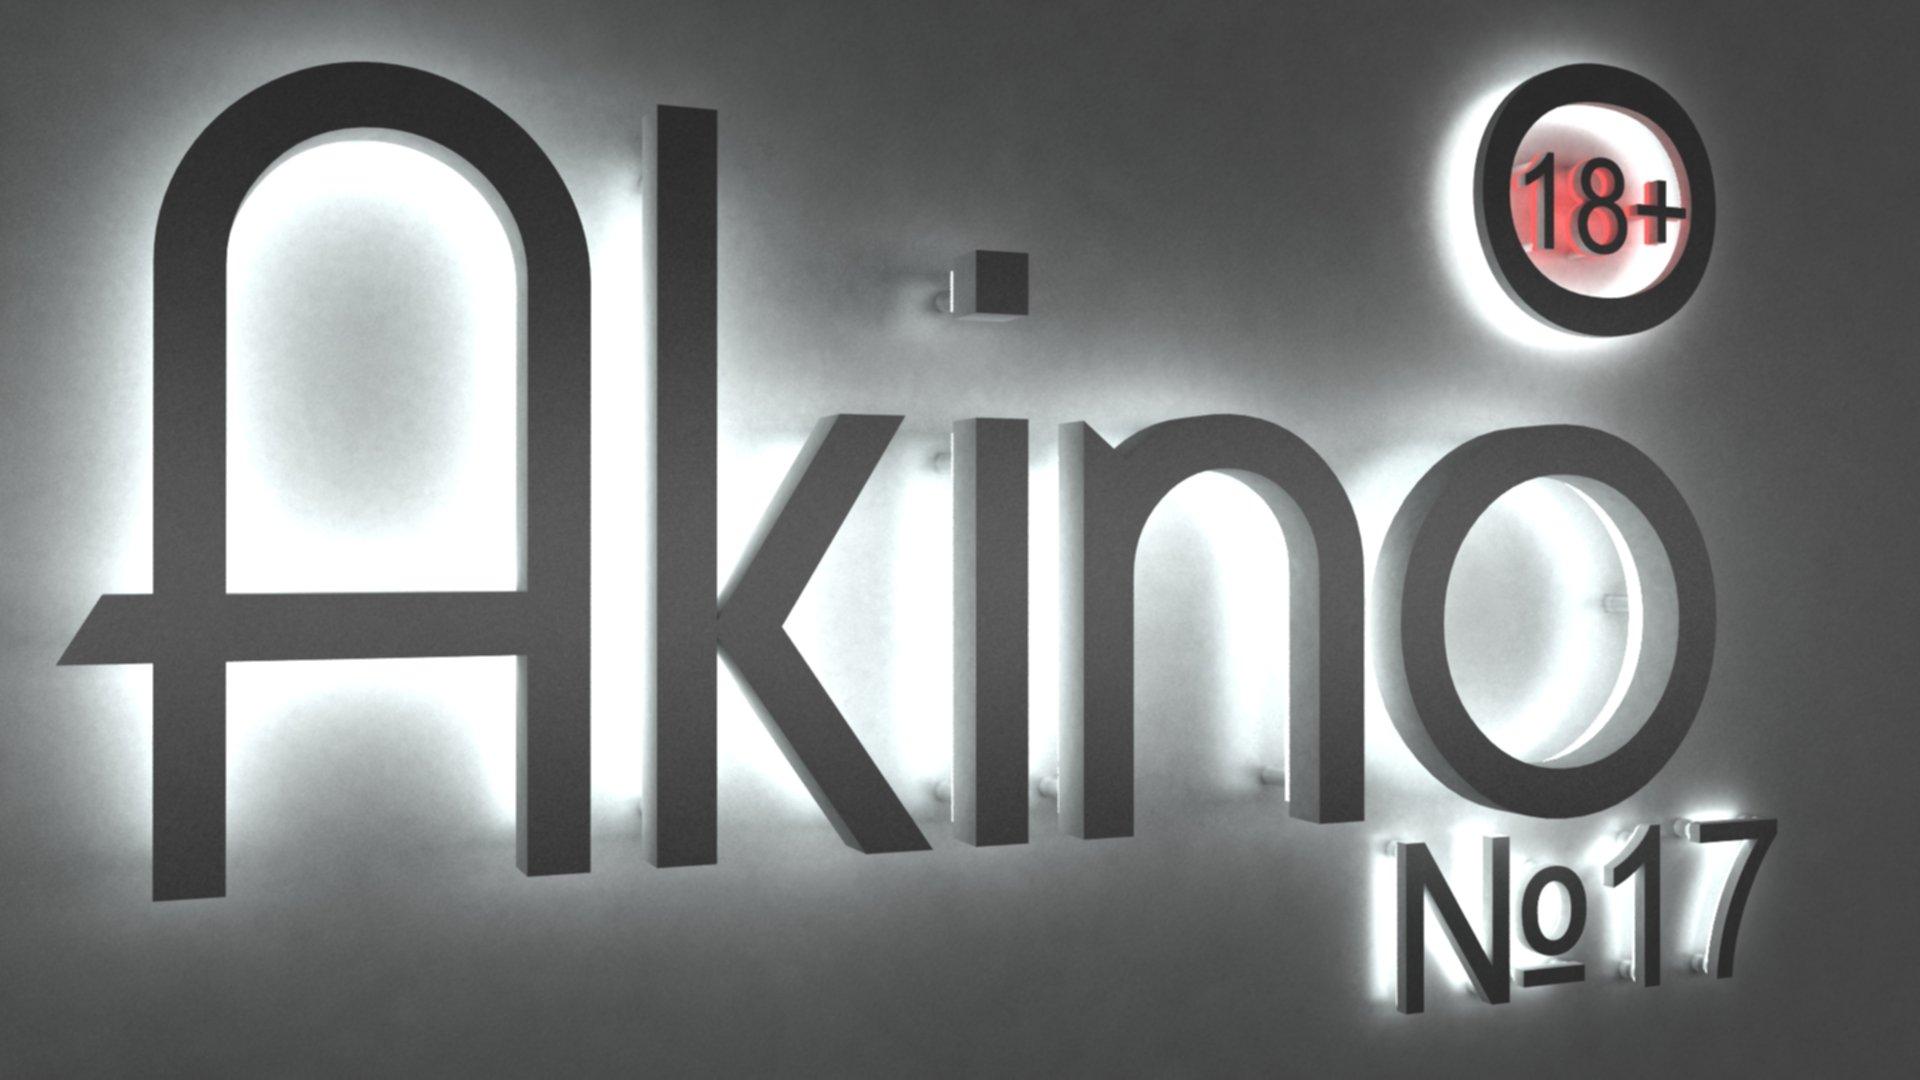 Подкаст AkiNO Выпуск № 17 (18+). - Изображение 1